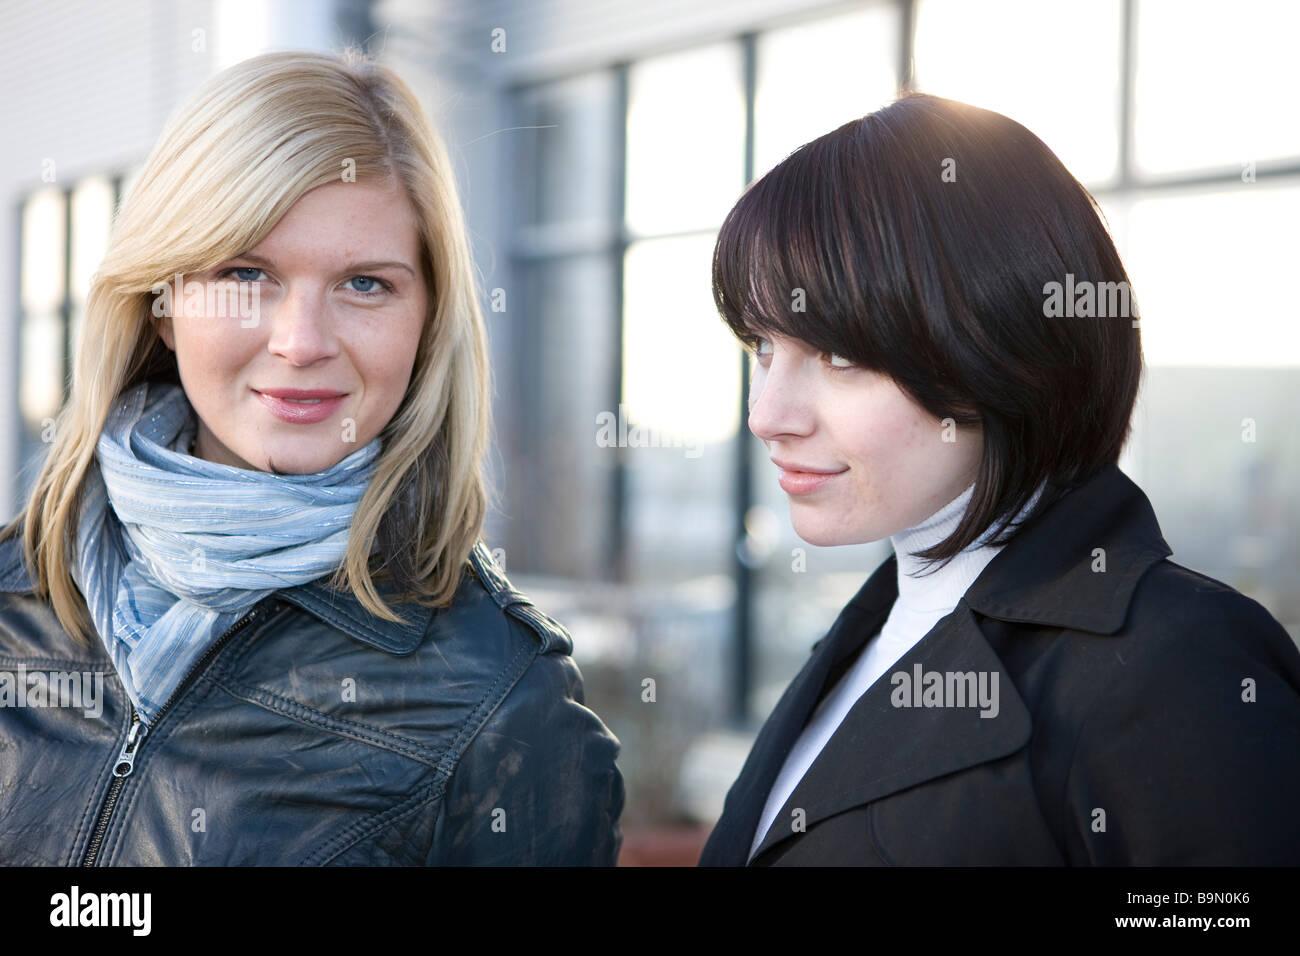 Zwei Freundinnen Schmunzeln in Die kamera Stockfoto